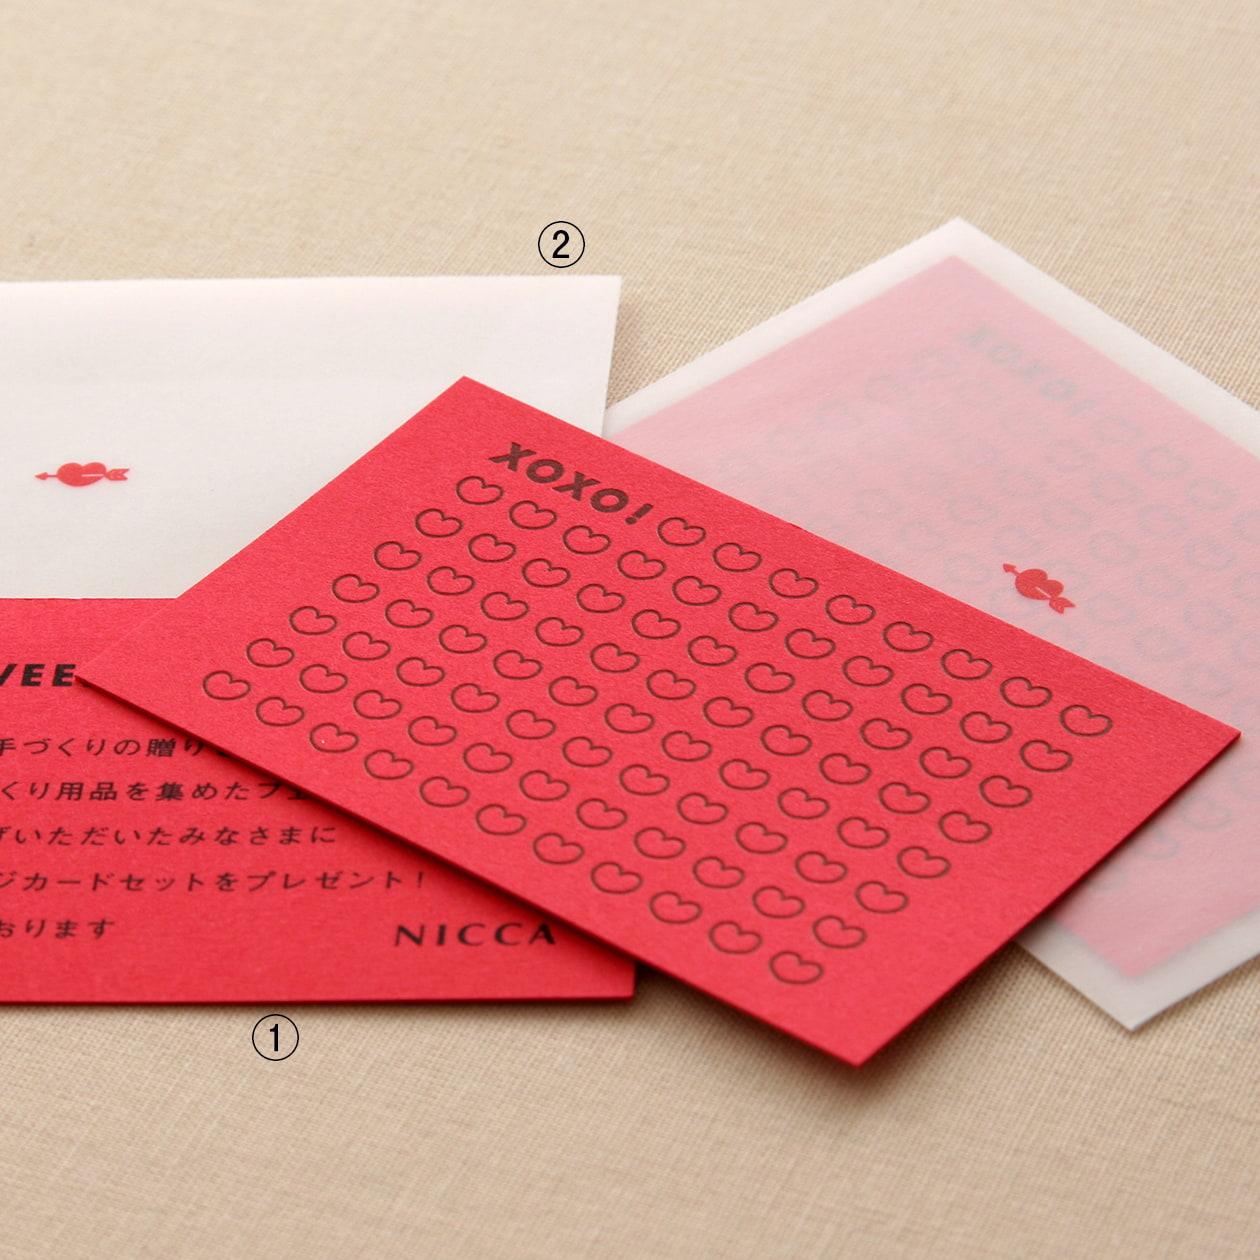 ノベルティーとしても使える手渡し用カードと封筒